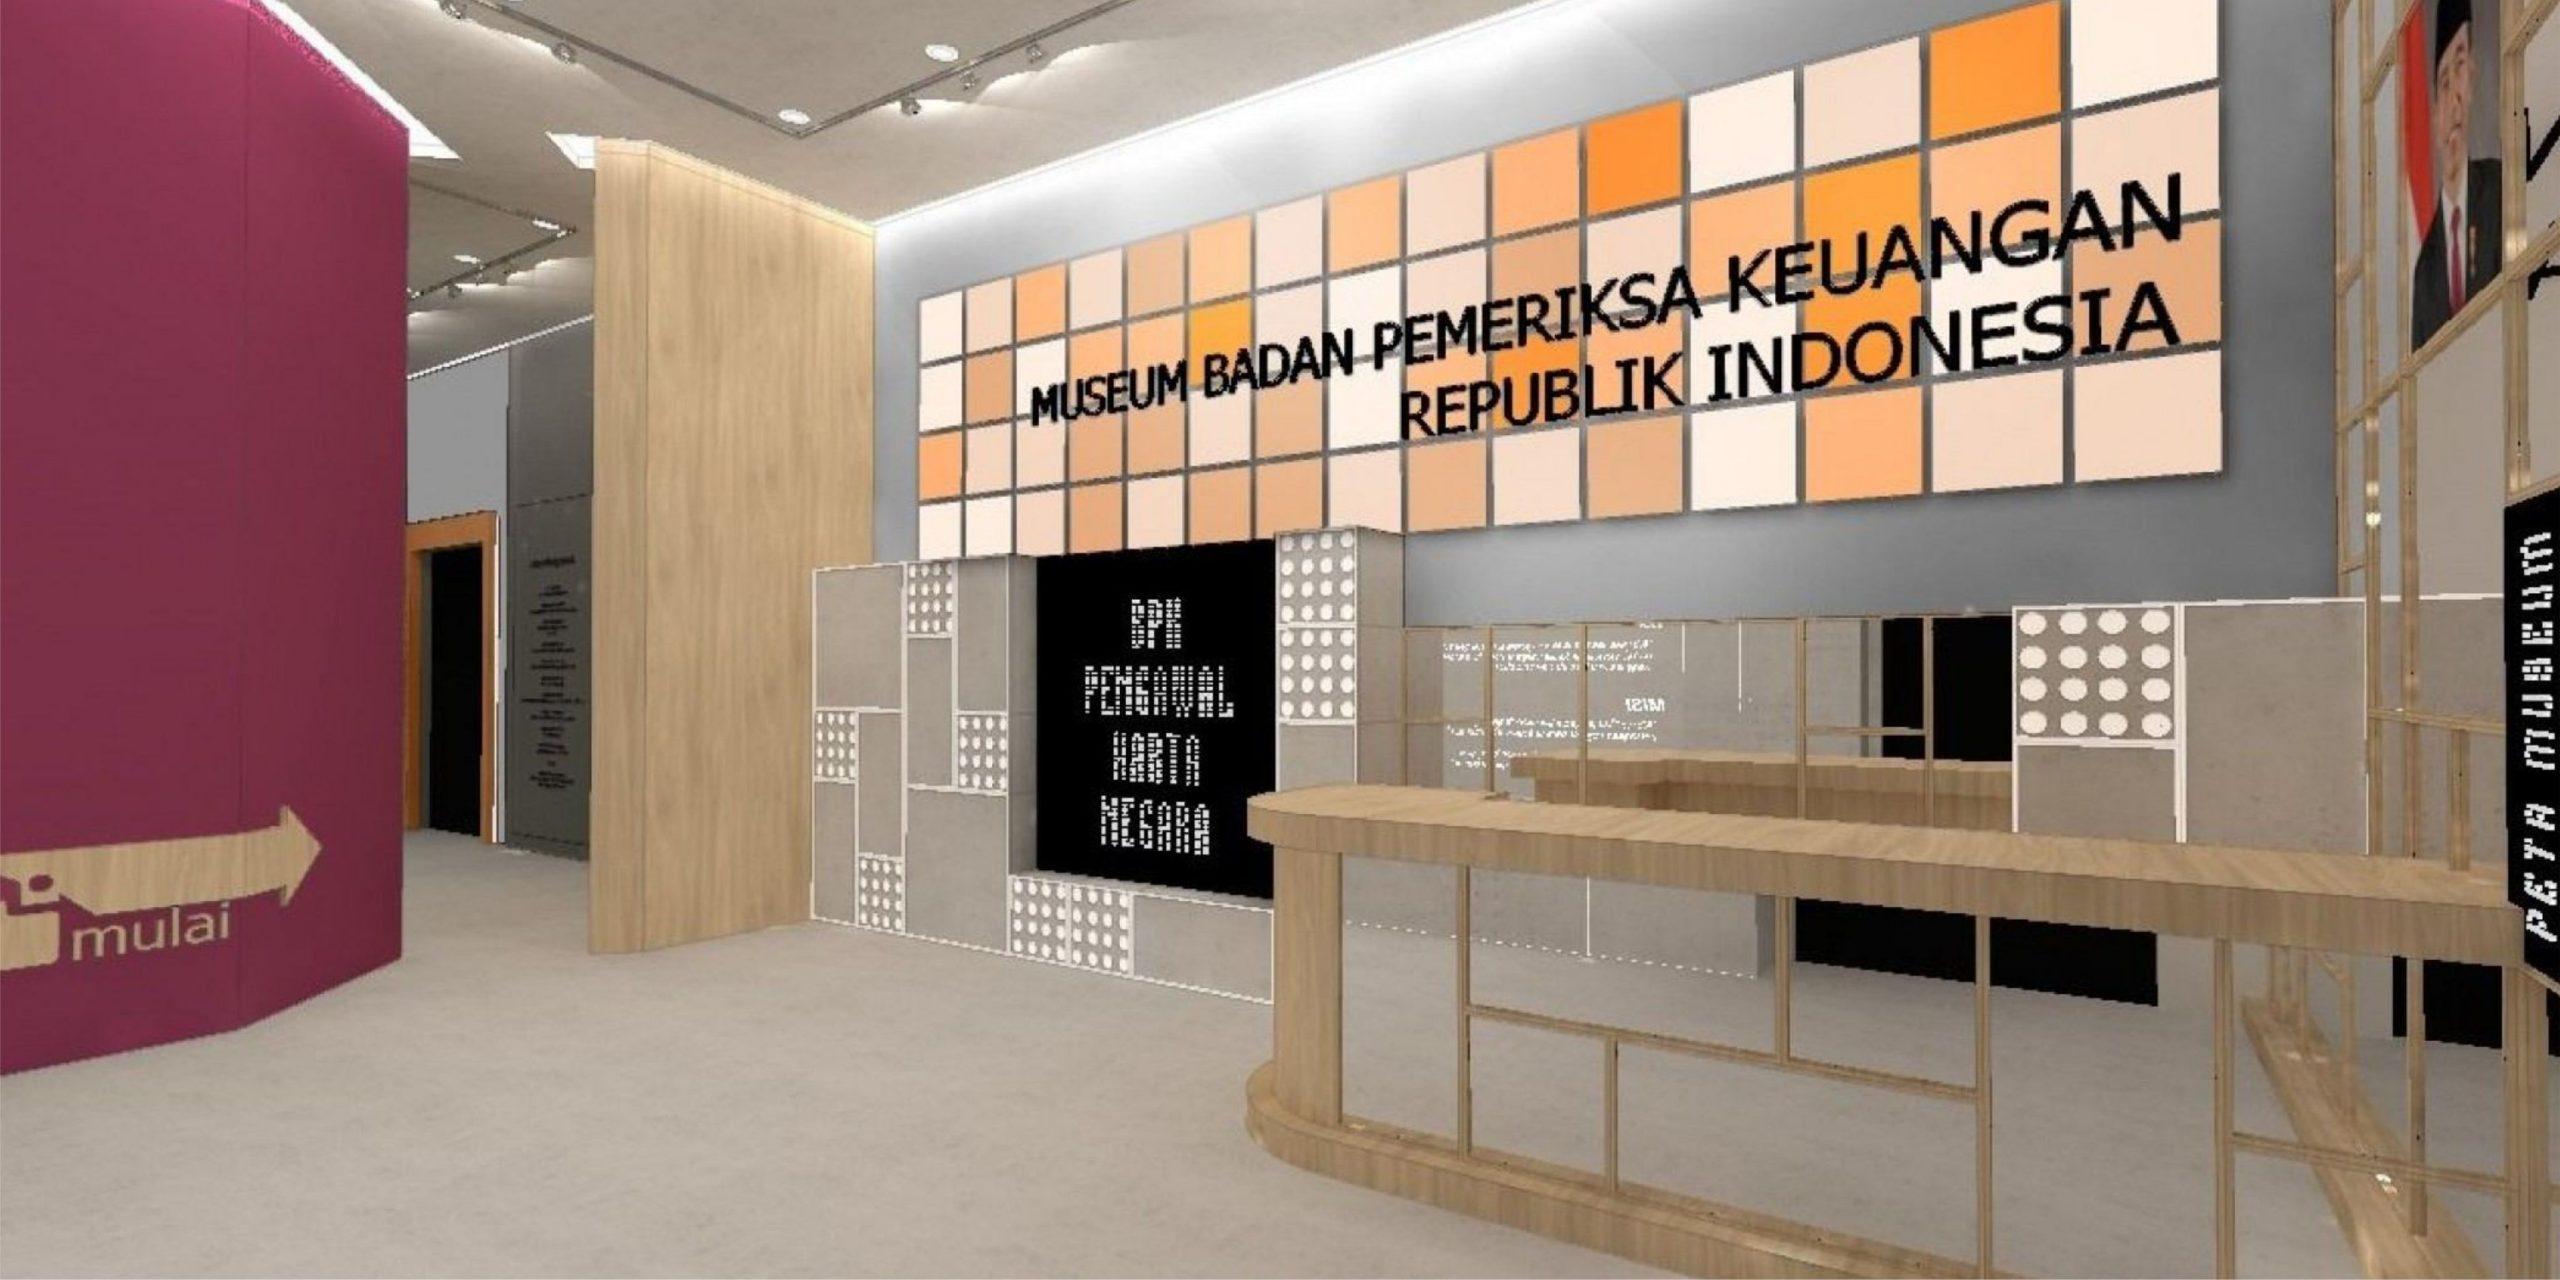 Museum Badan Pemeriksa Keuangan Republik Indonesia